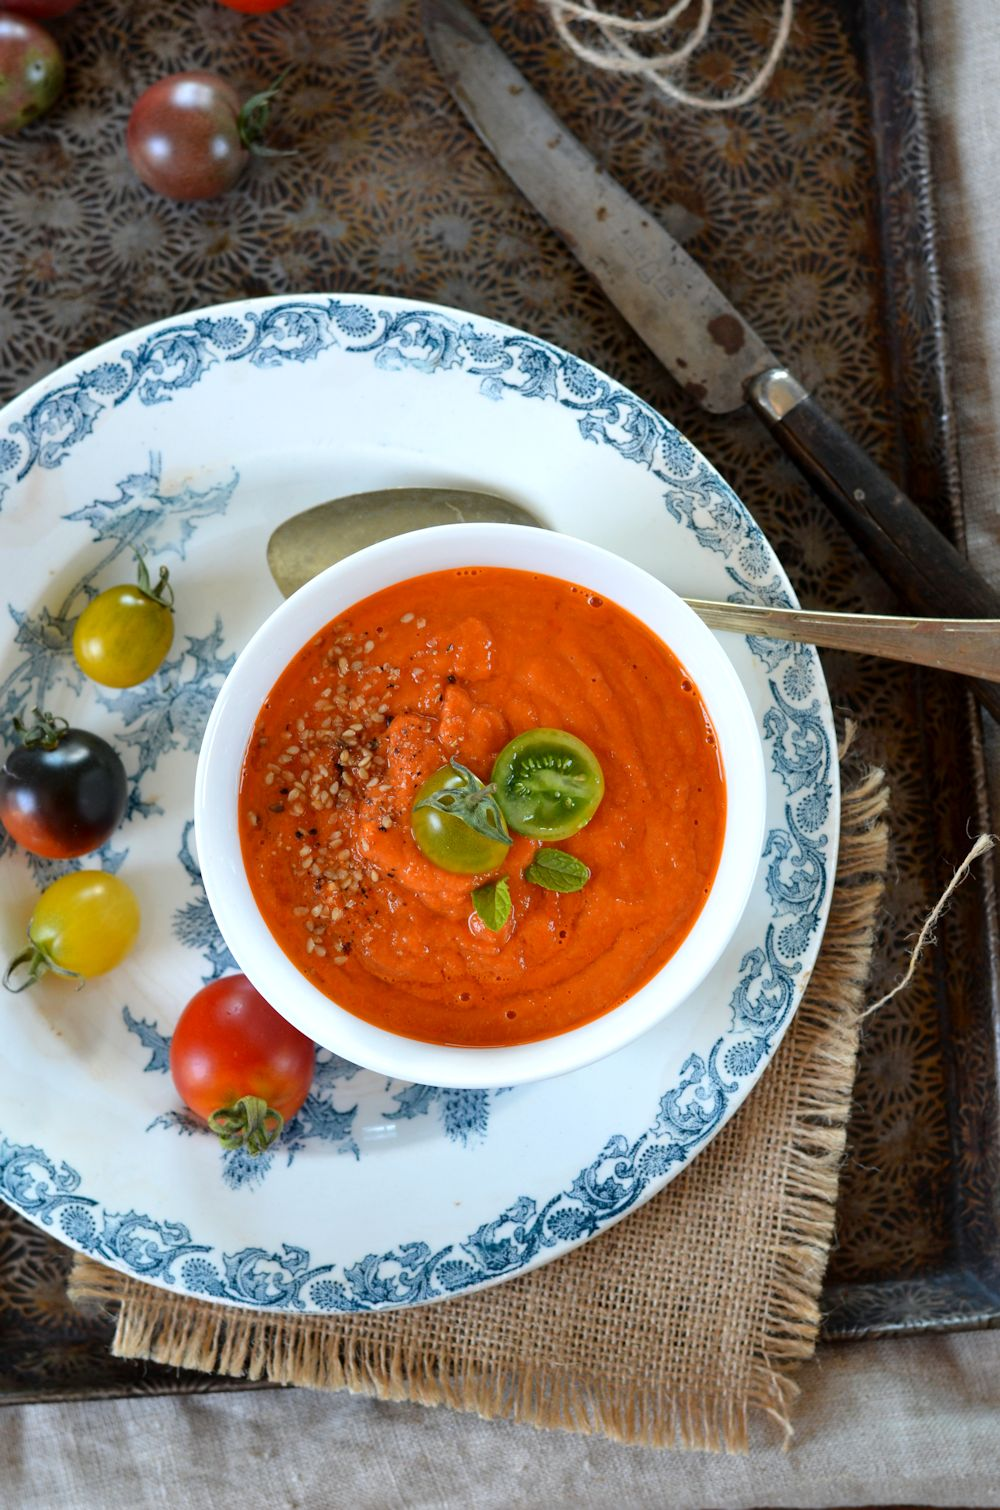 Soupe de tomates r ties manger chaude ou froide recette - Lumiere chaude ou froide ...